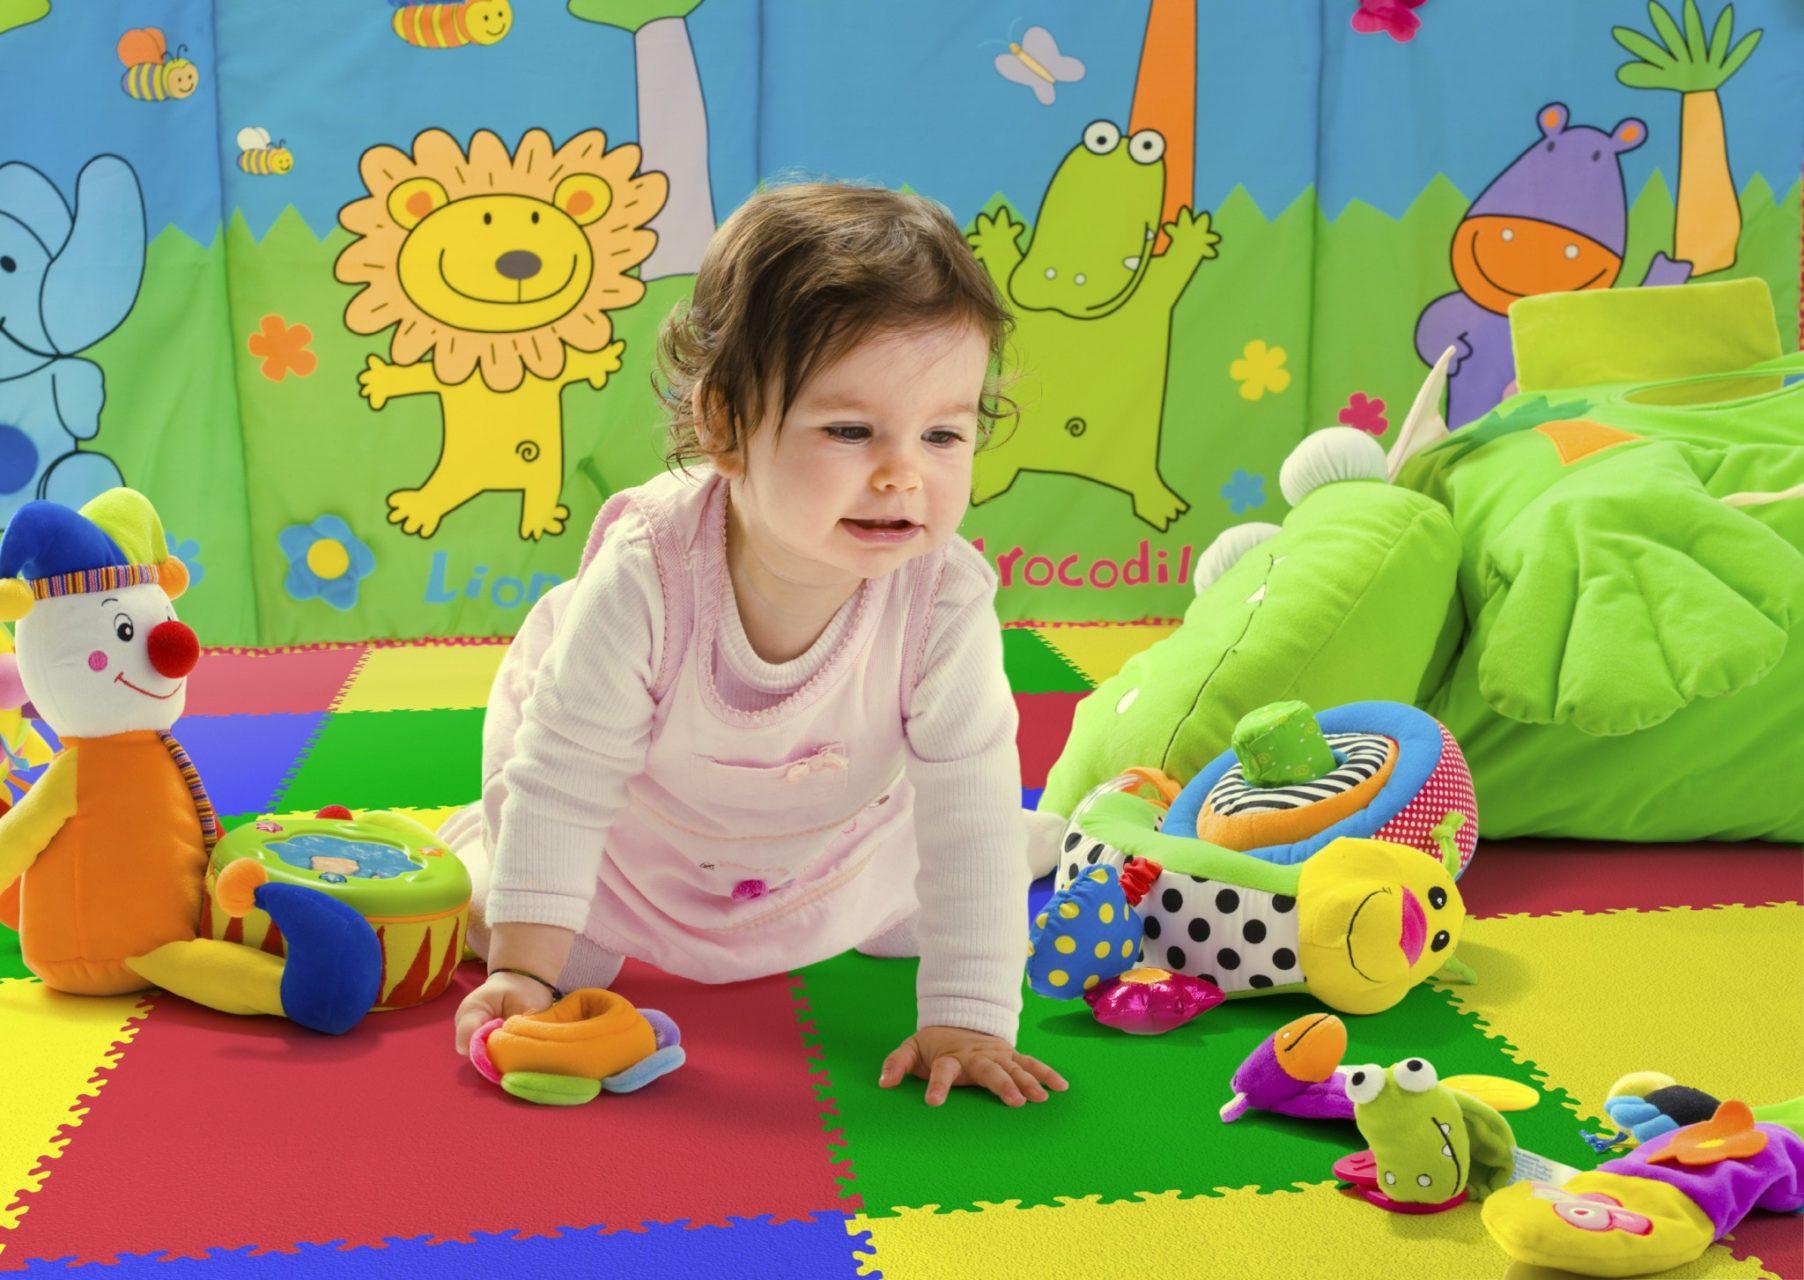 gewerbeboden heimboden jp mechanic light pvc fliese platte kinderspielzimmer indoorspielpl tze. Black Bedroom Furniture Sets. Home Design Ideas